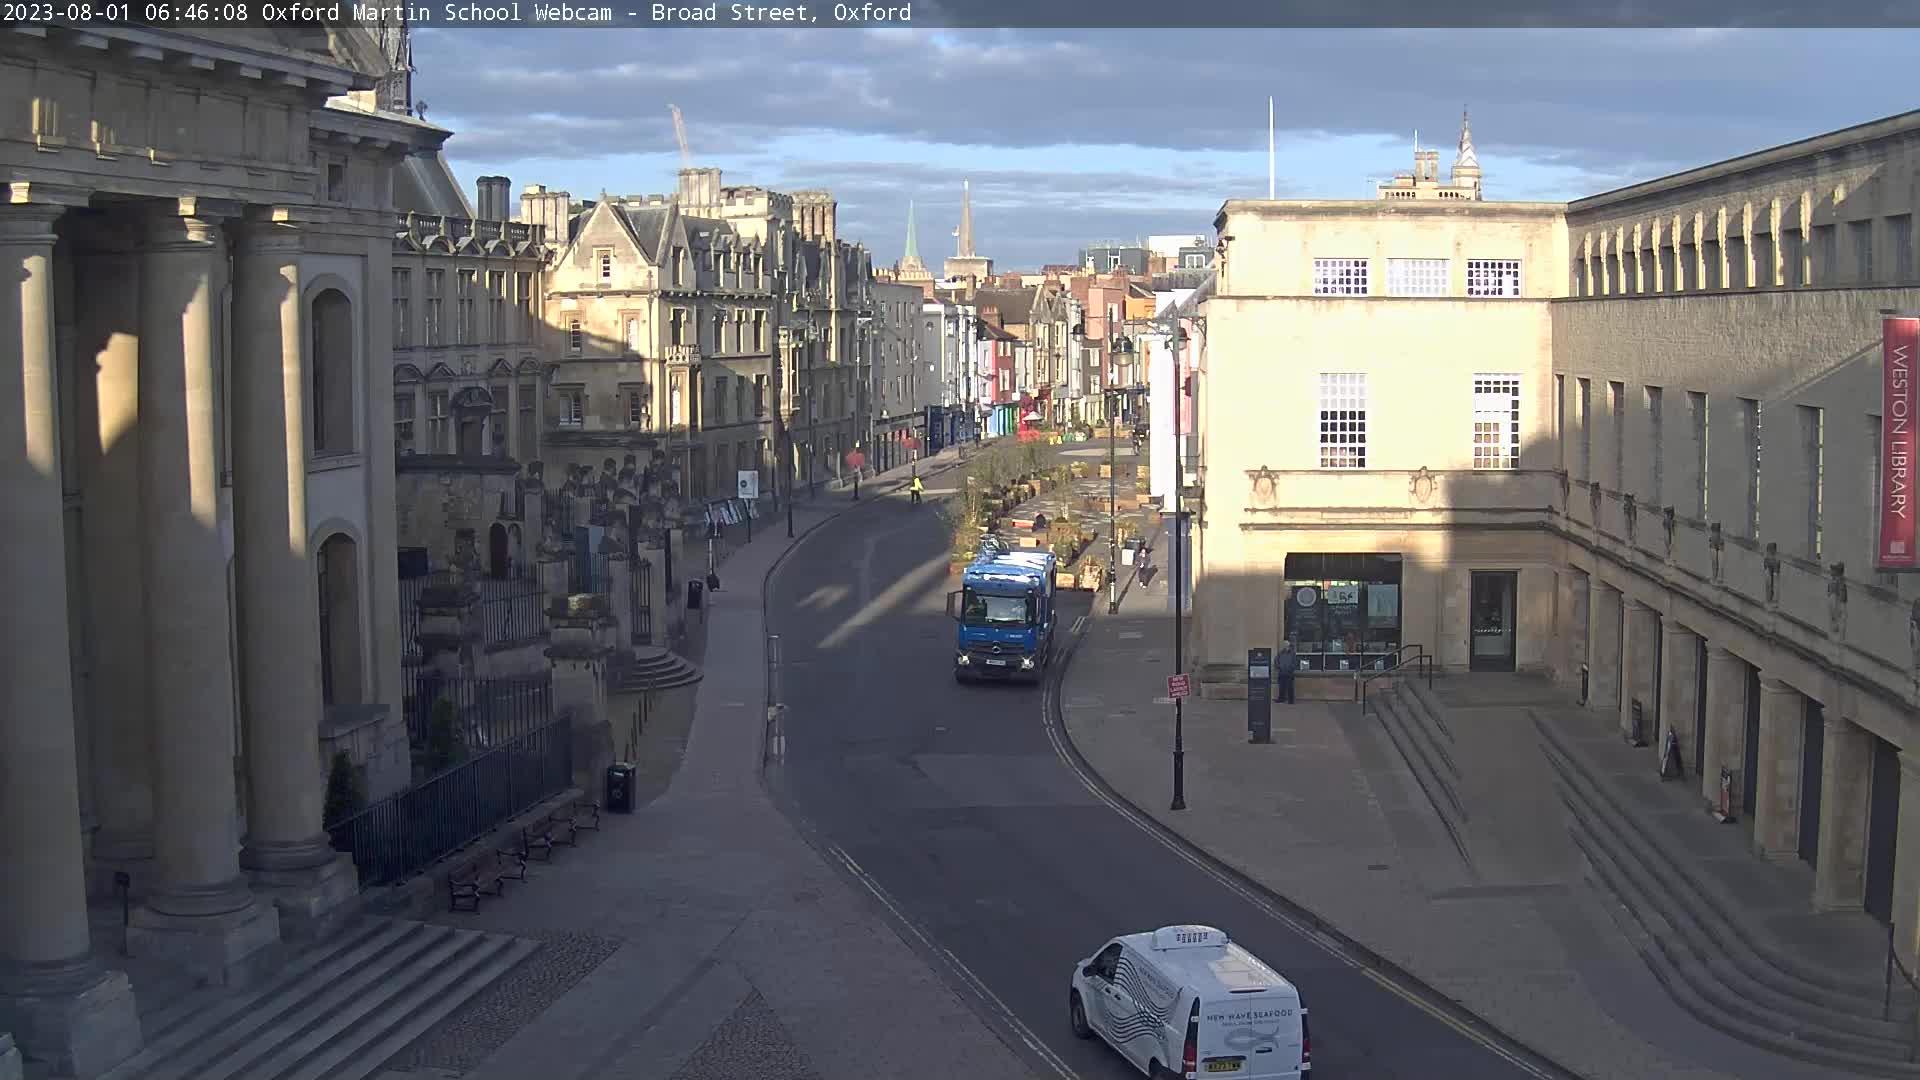 Oxford Sun. 06:46